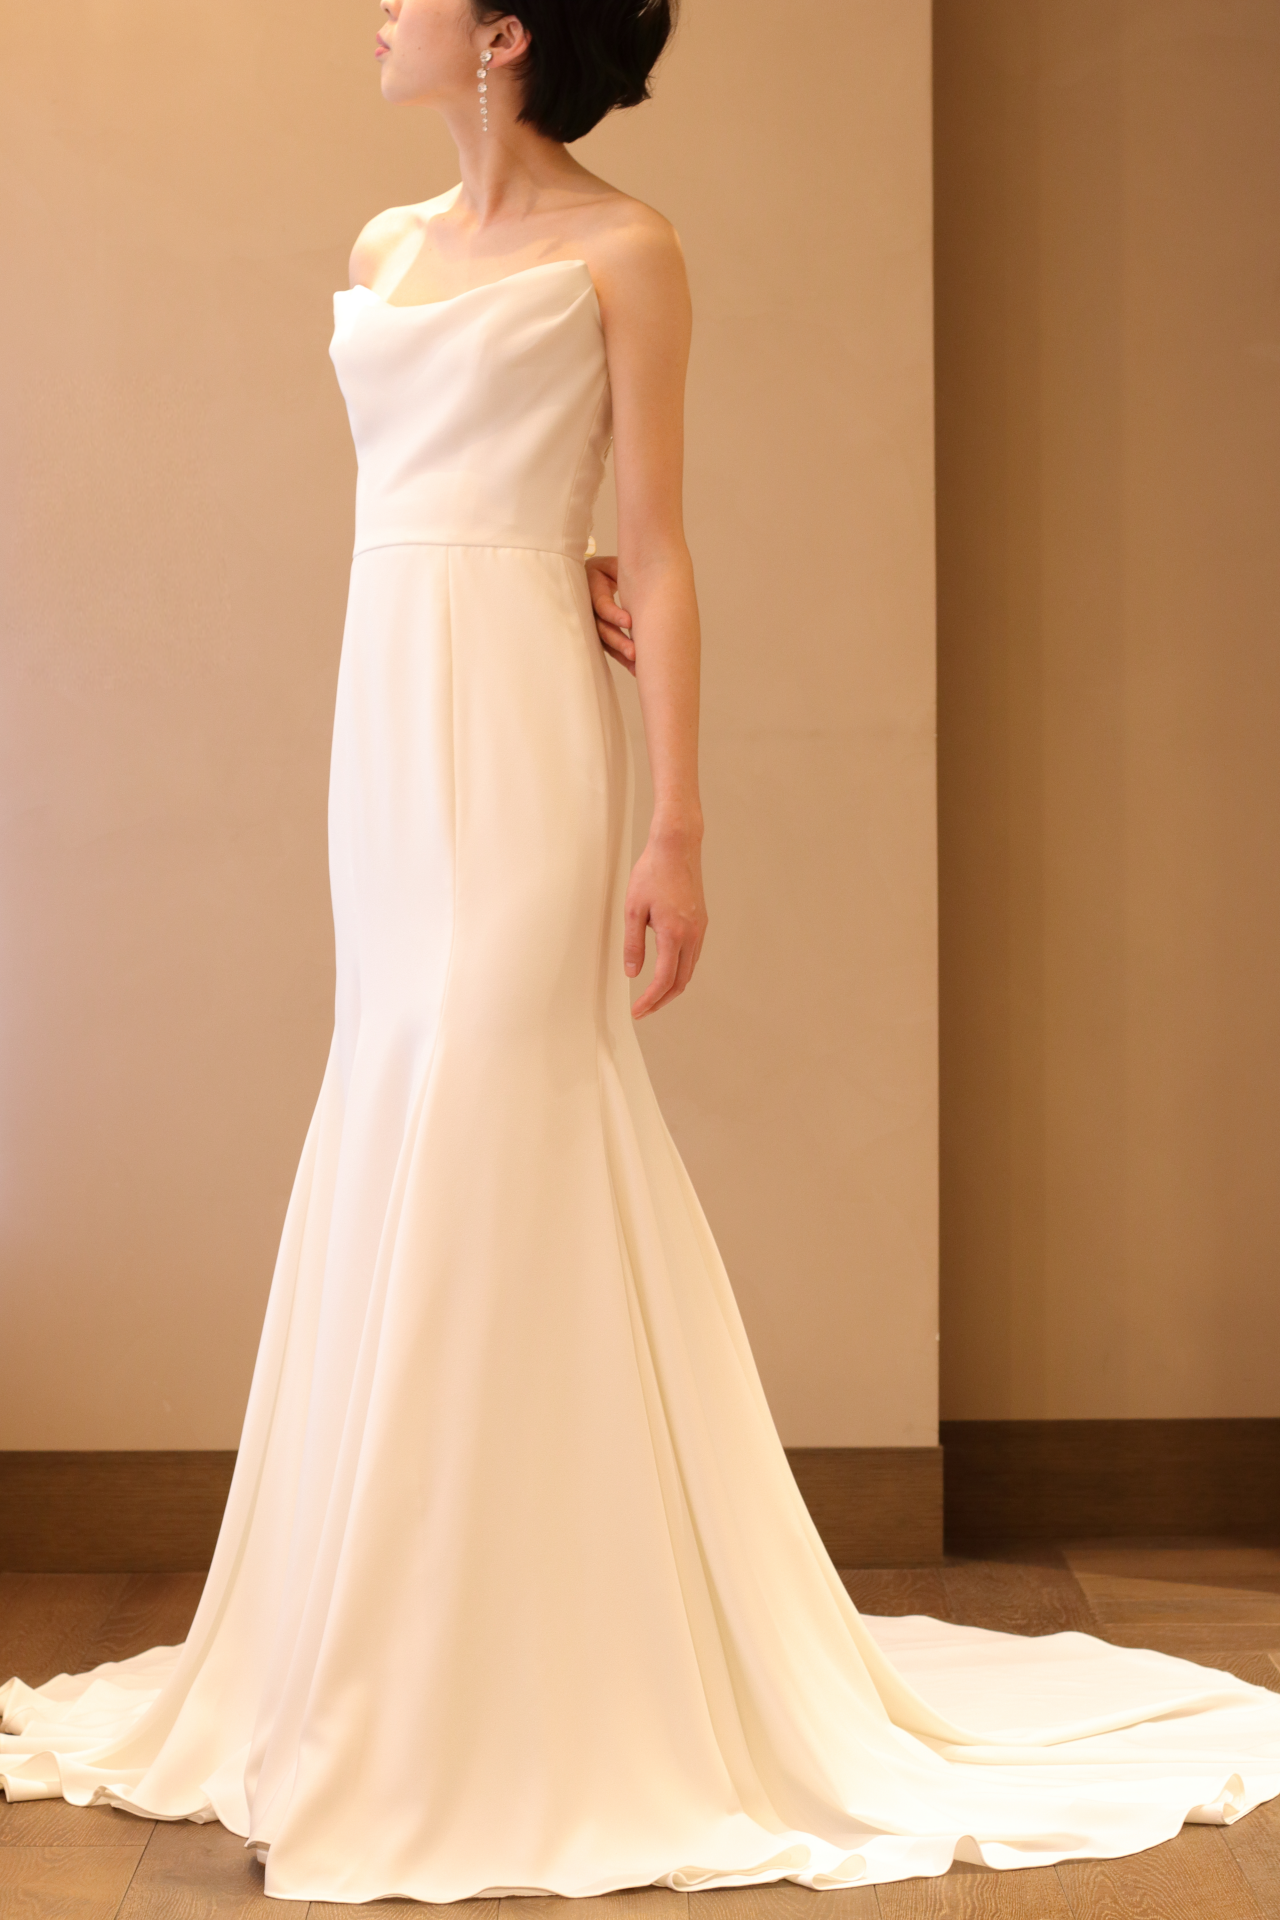 ブリスモニークルイリエのウェディングドレスはお洒落な花嫁も注目のシンプルなデザインで、クレープ素材のしっとりとなめらかな質感が美しいスレンダーラインのドレスです